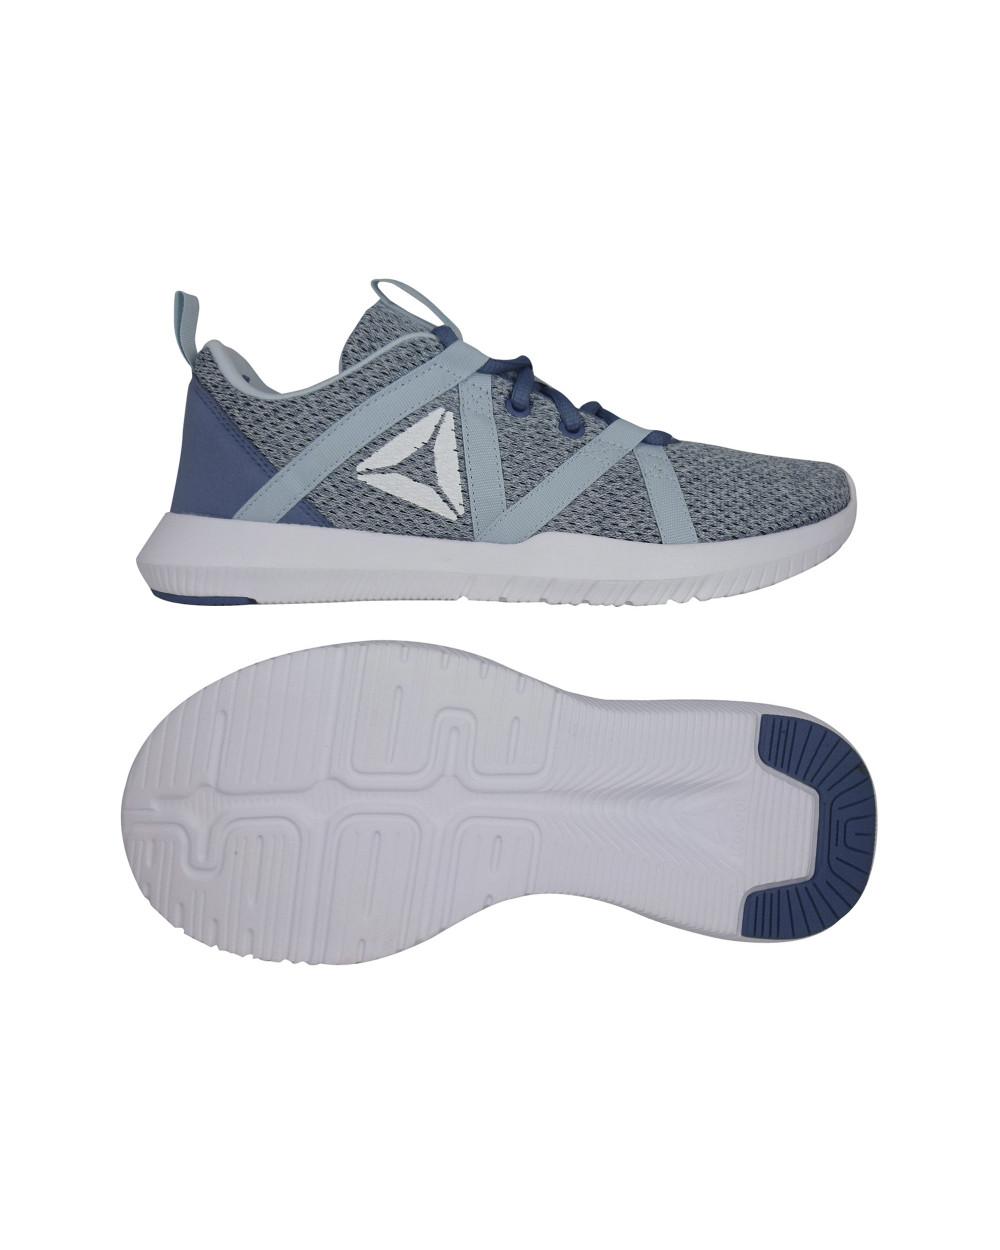 Zapatillas para Mujer Reebok Reago Essential CN5188